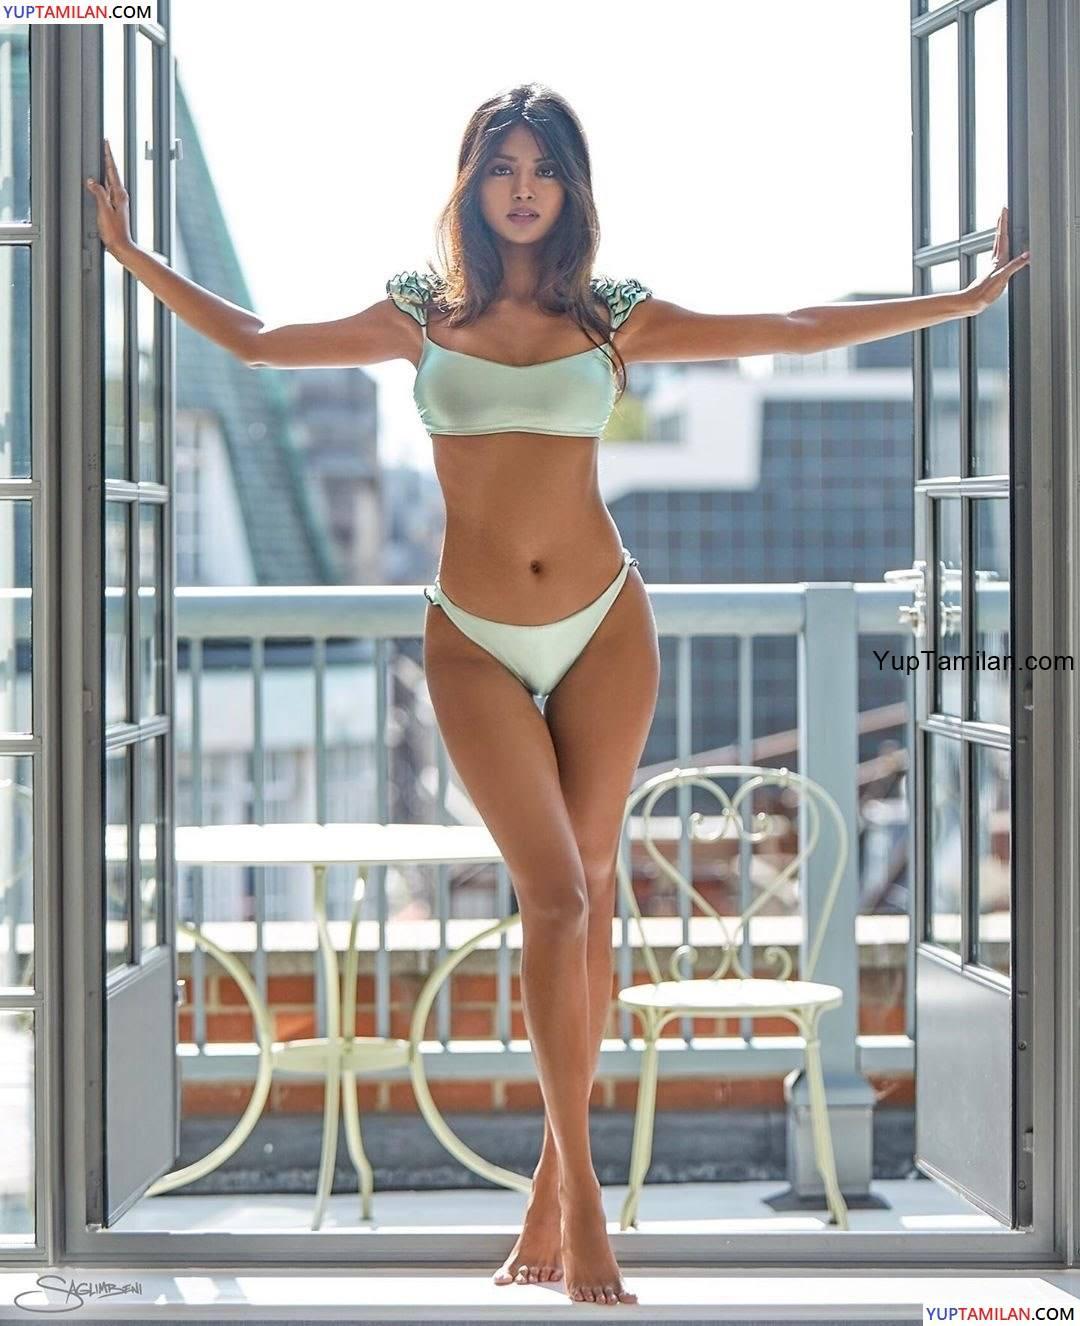 Shaun Romy Sexy in Bikini Images